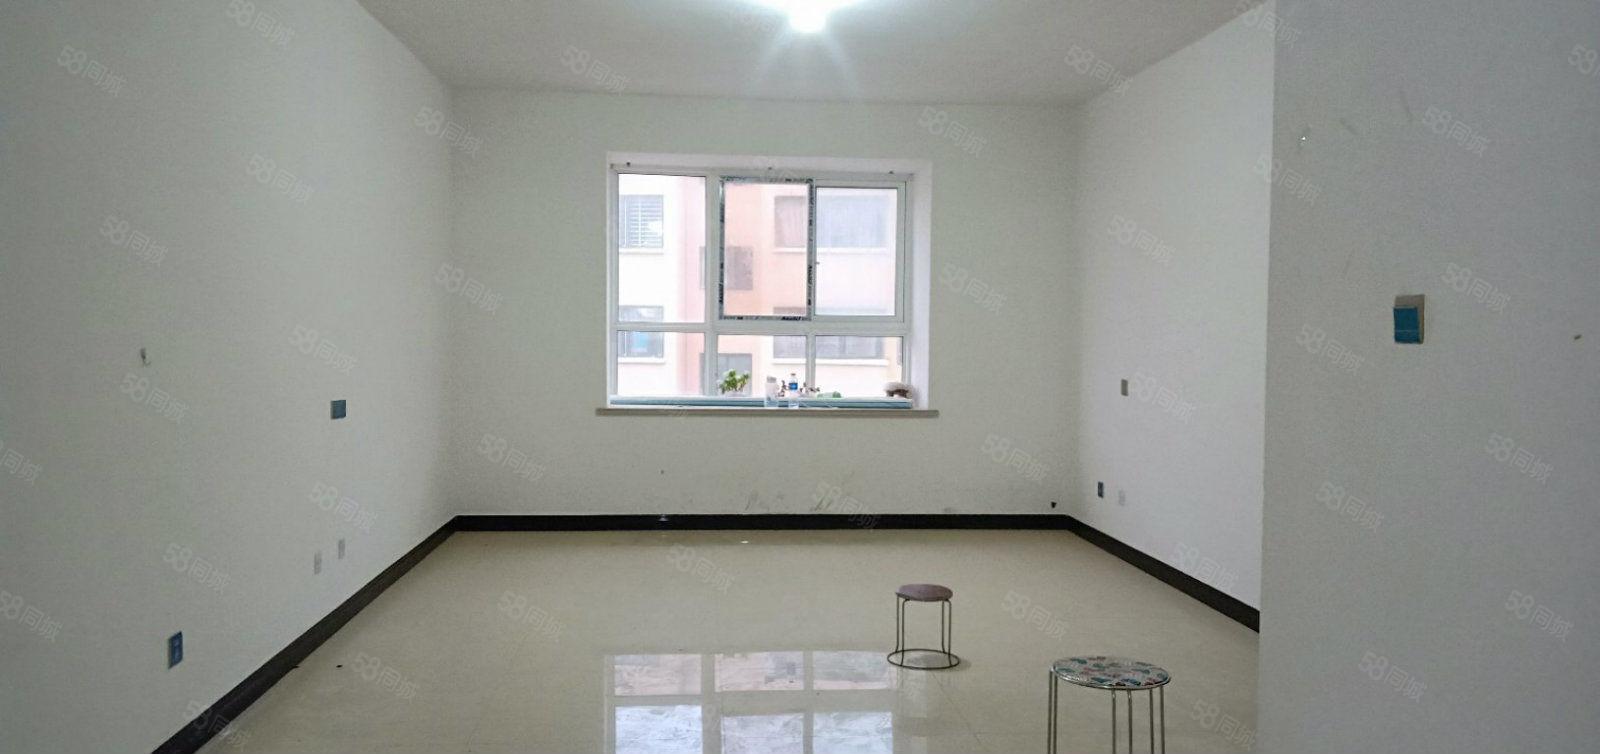 翔宇花园市中心位,安静小区,3室2厅1卫1阳台,房东换房